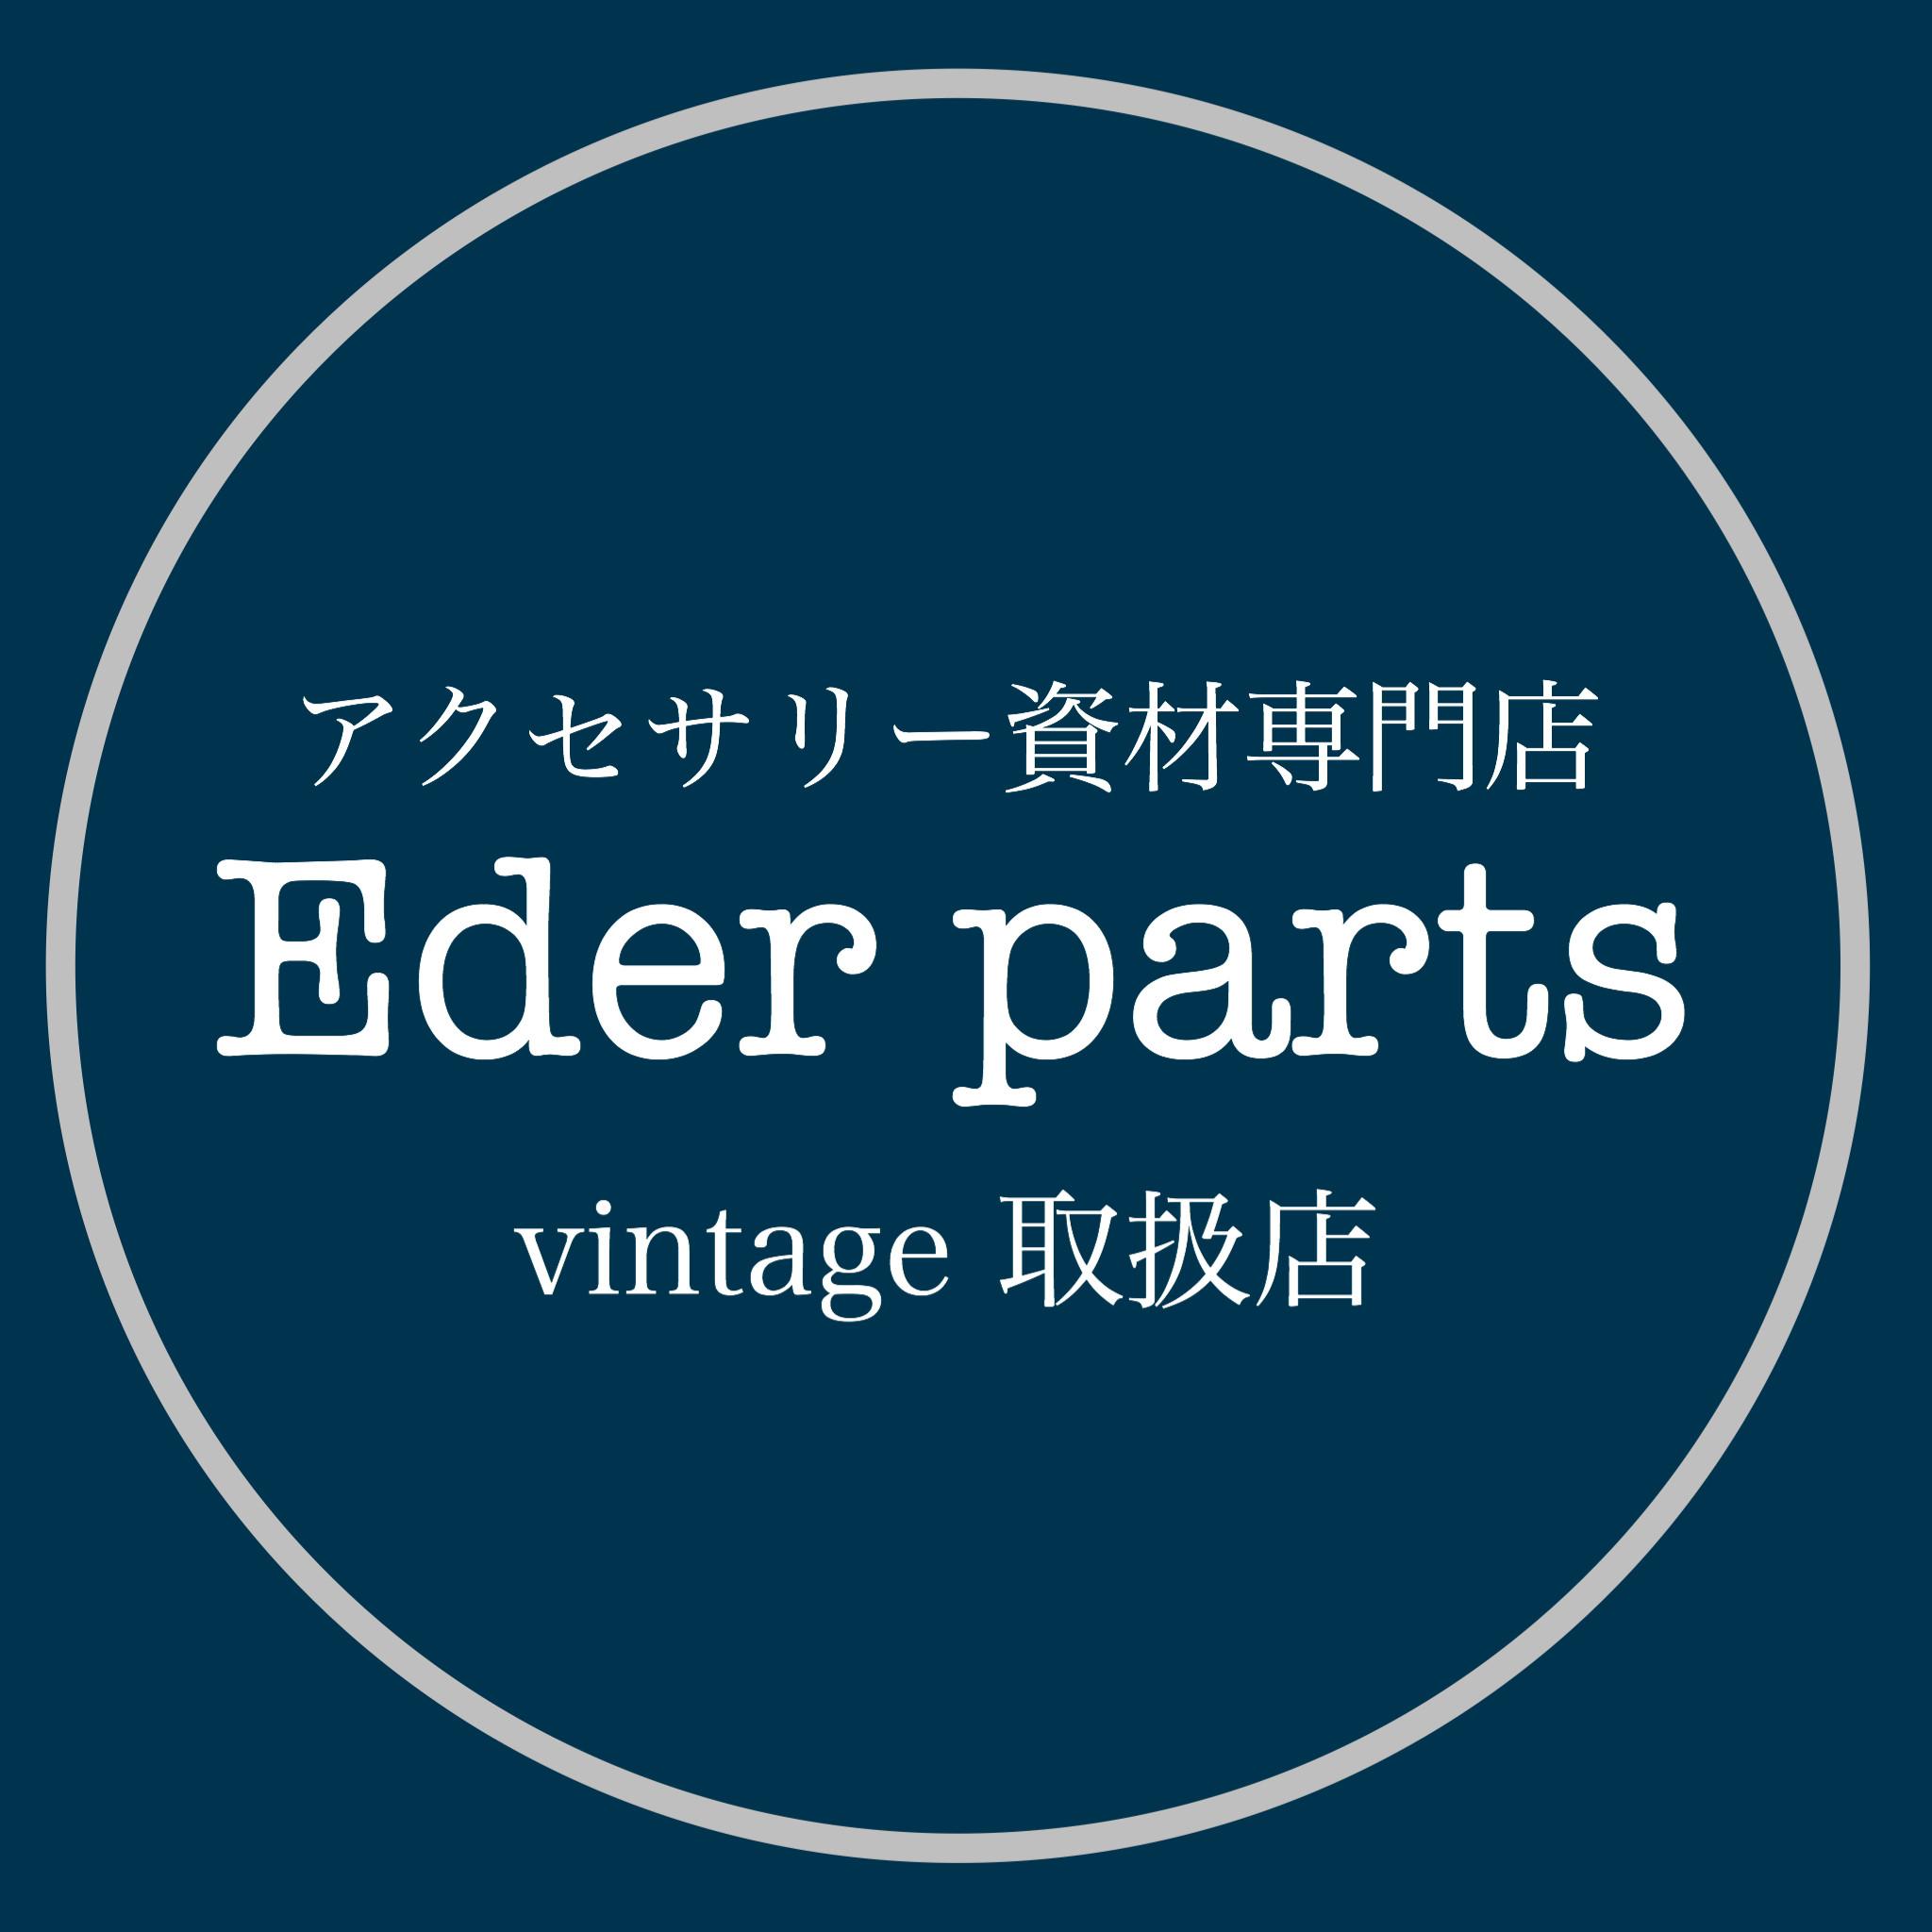 Eder parts